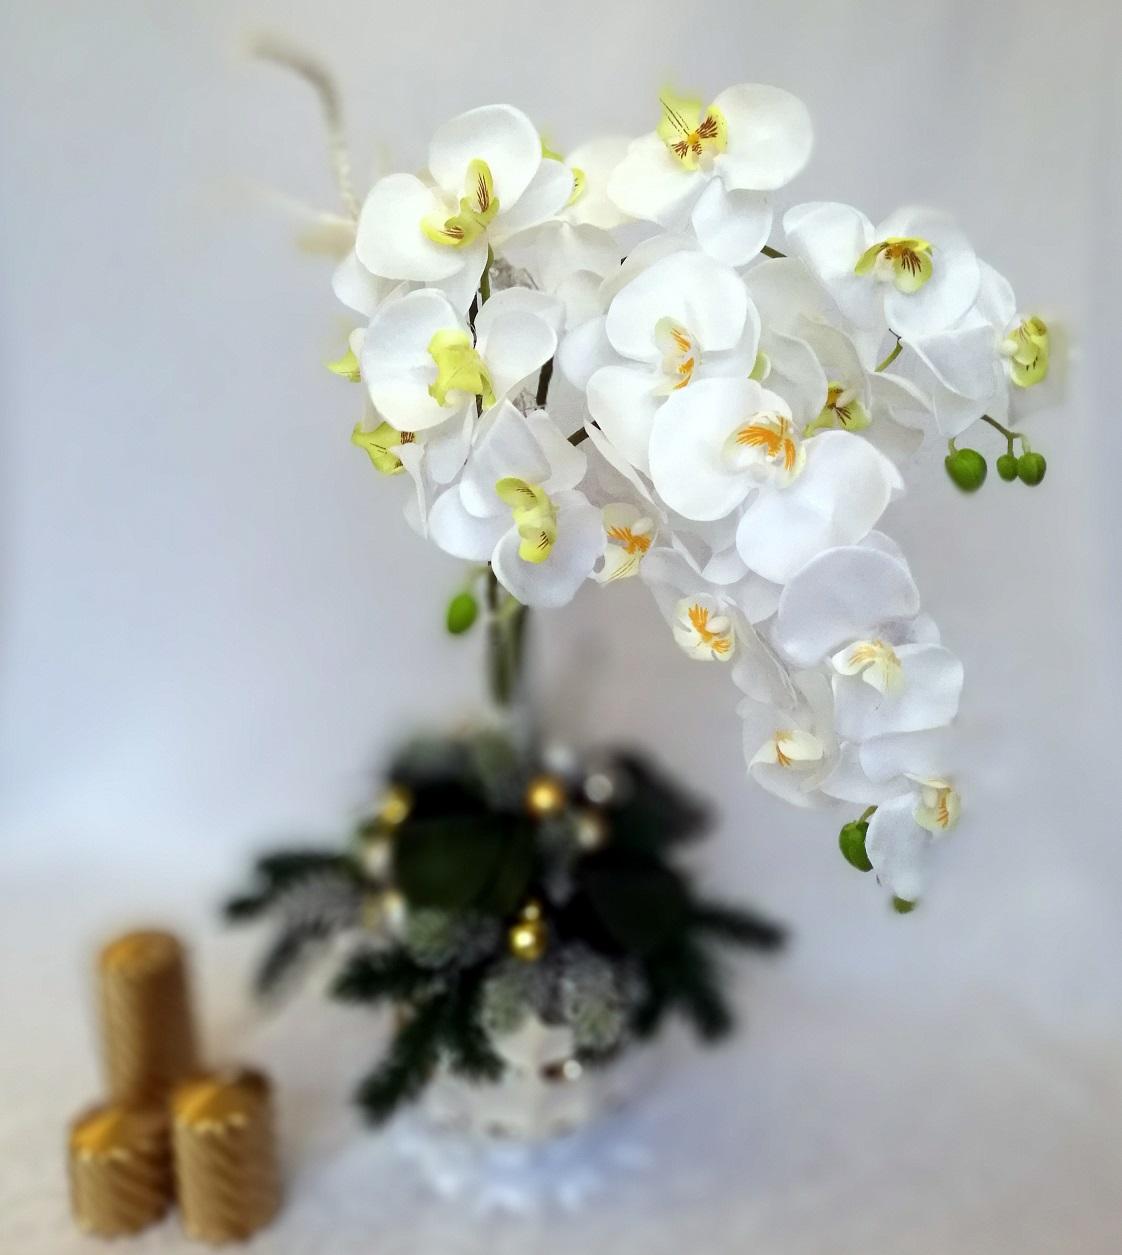 Dekoracja na święta ze storczykiem